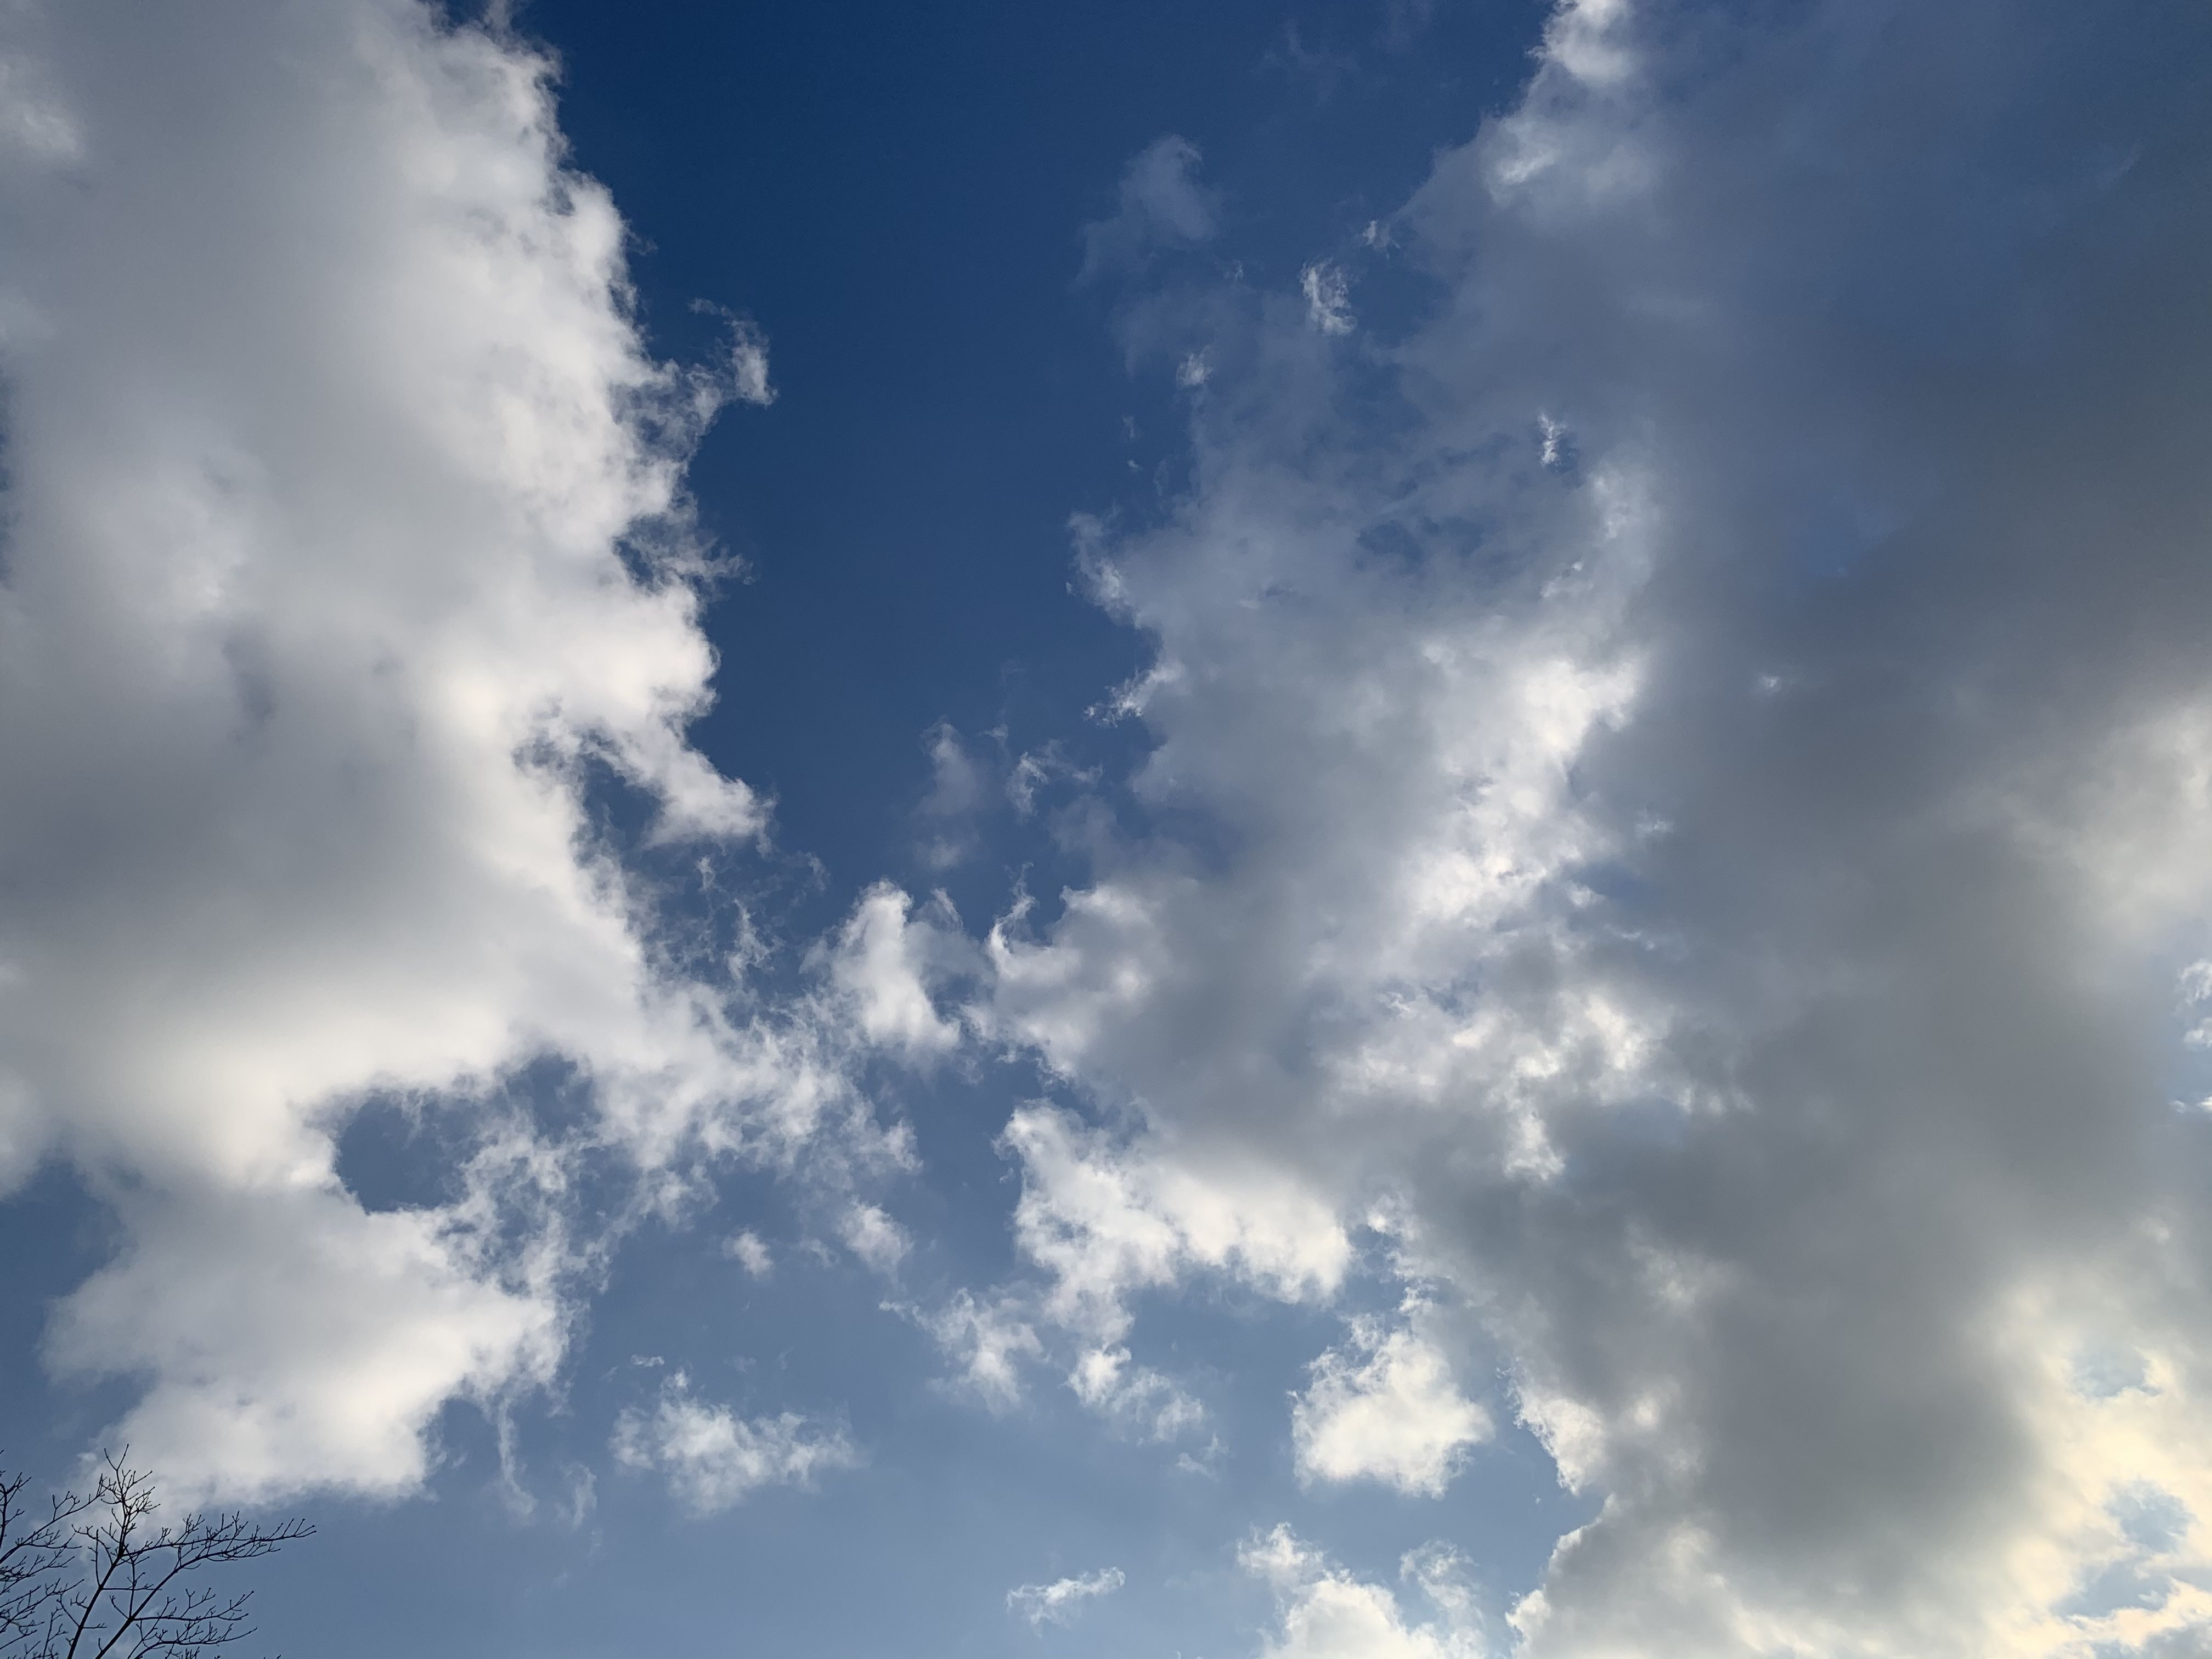 2019년 12월 2일의 하늘 sky clouds 하늘